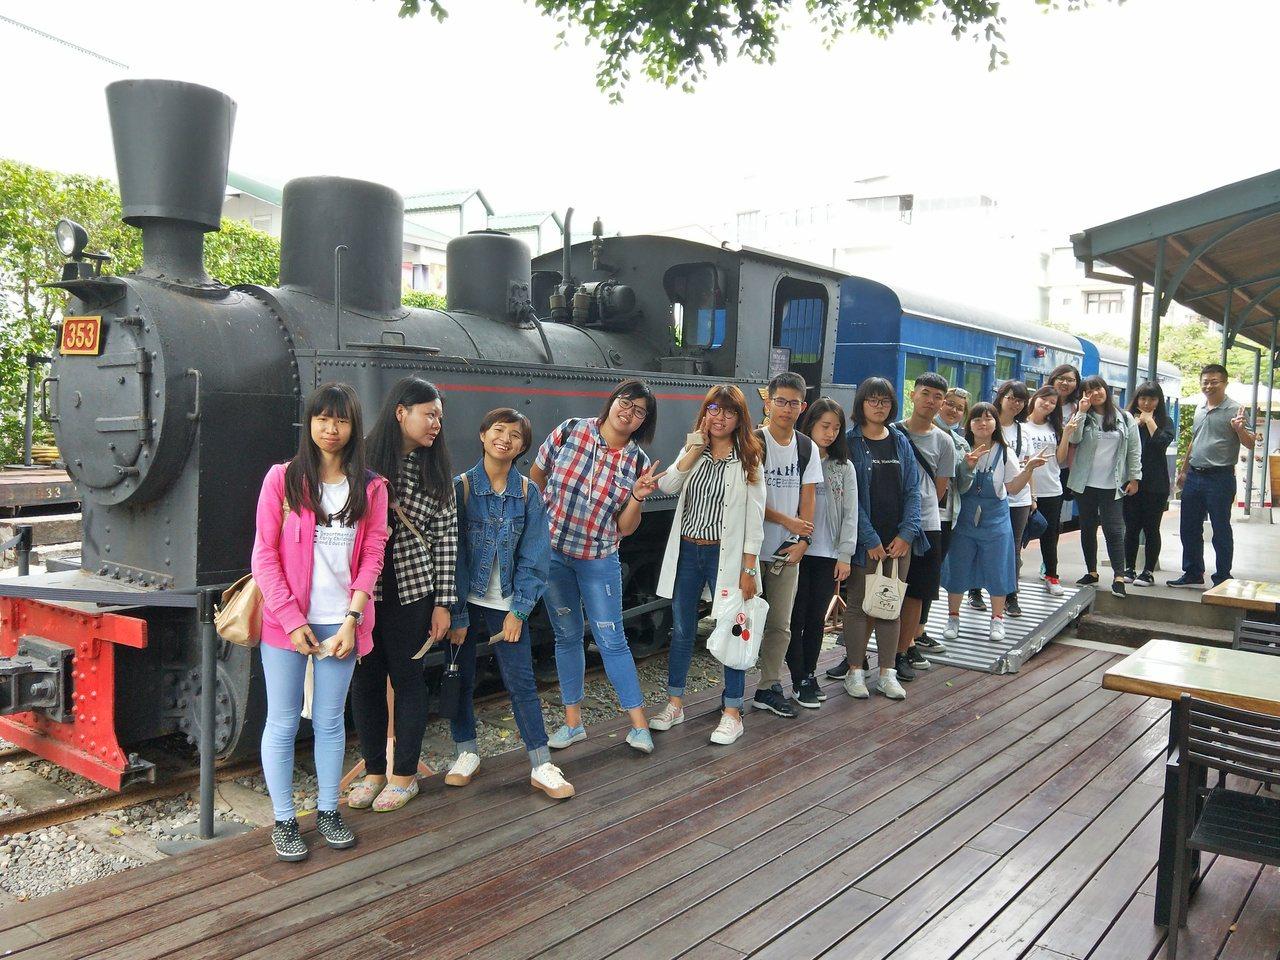 旗山老街遊程,遊客前往旗山小火車站觀看老火車頭。記者徐白櫻/翻攝